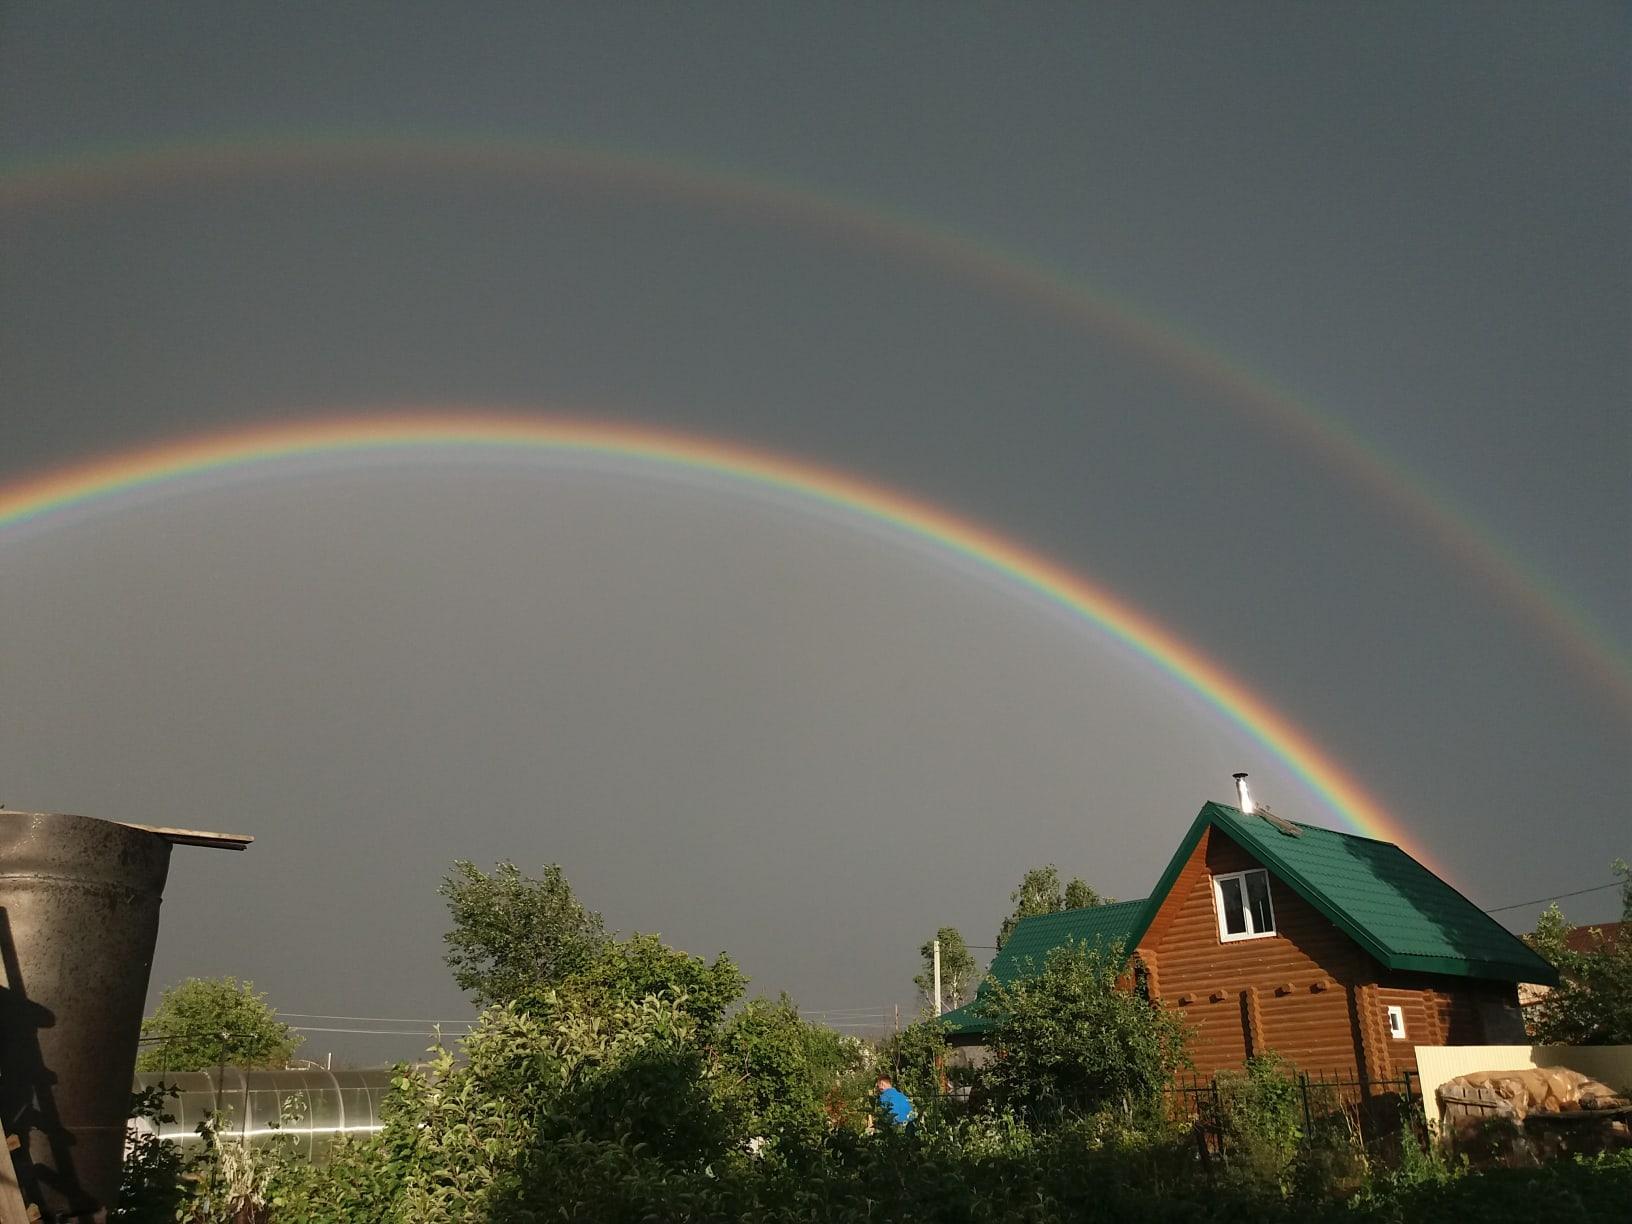 фото В Новосибирске увидели двойную радугу 4